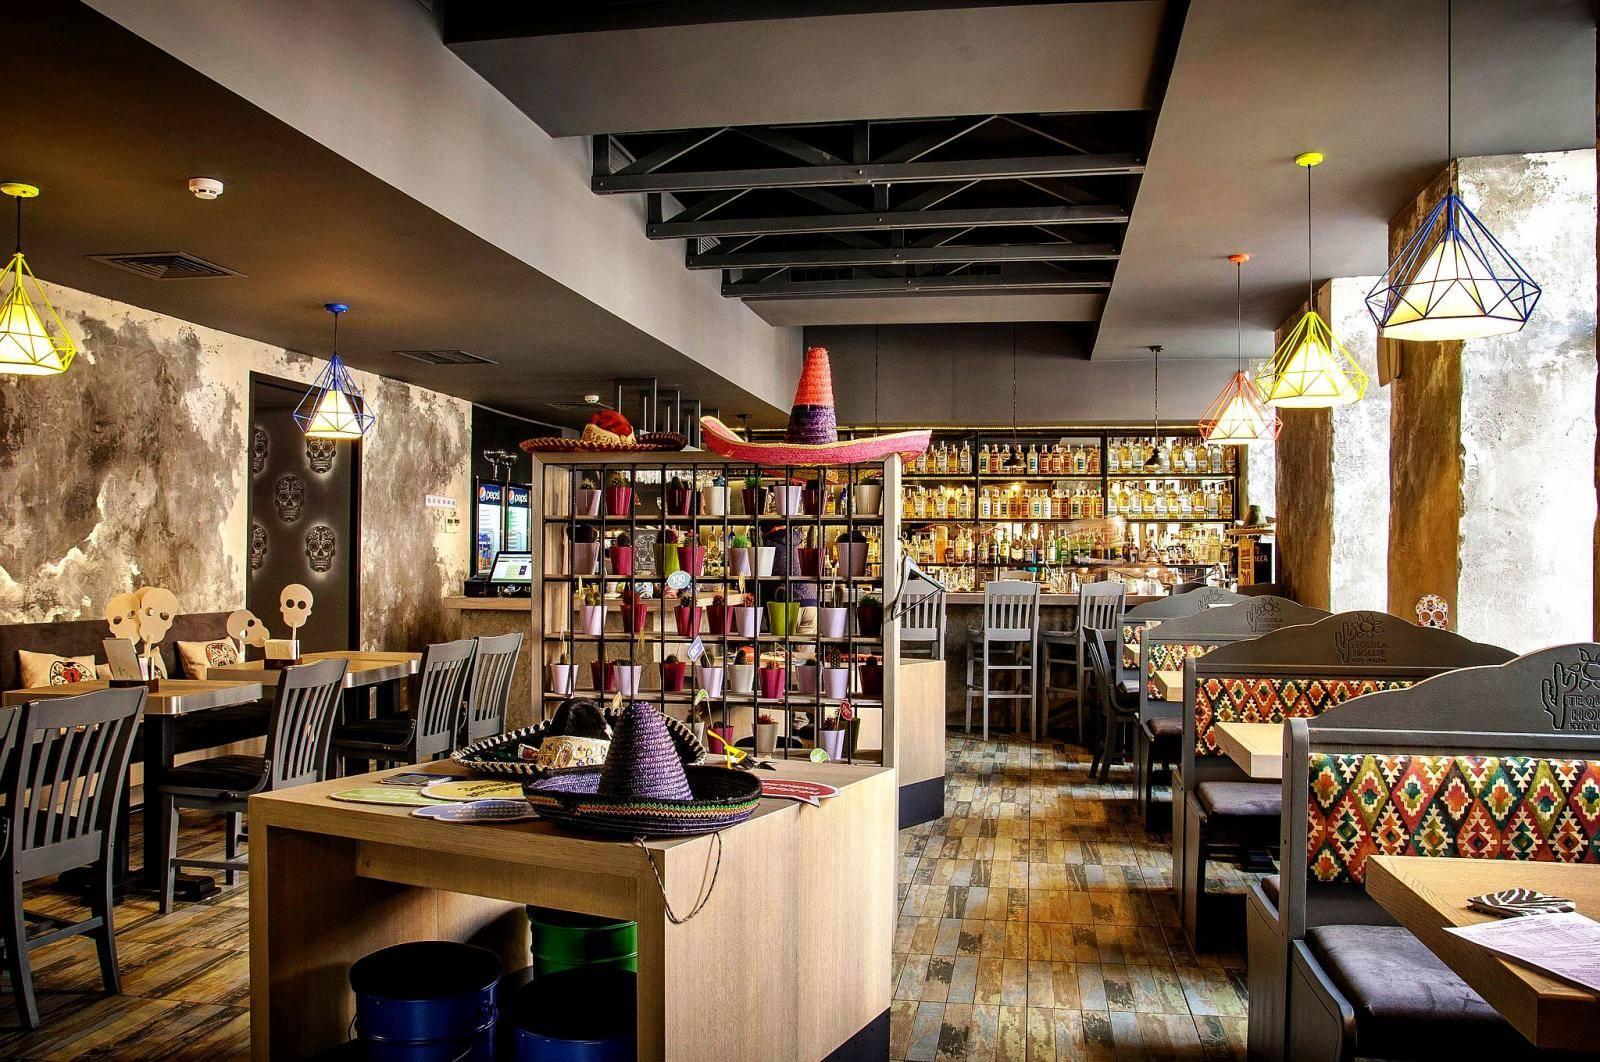 картинки мексиканский ресторан рельс линии